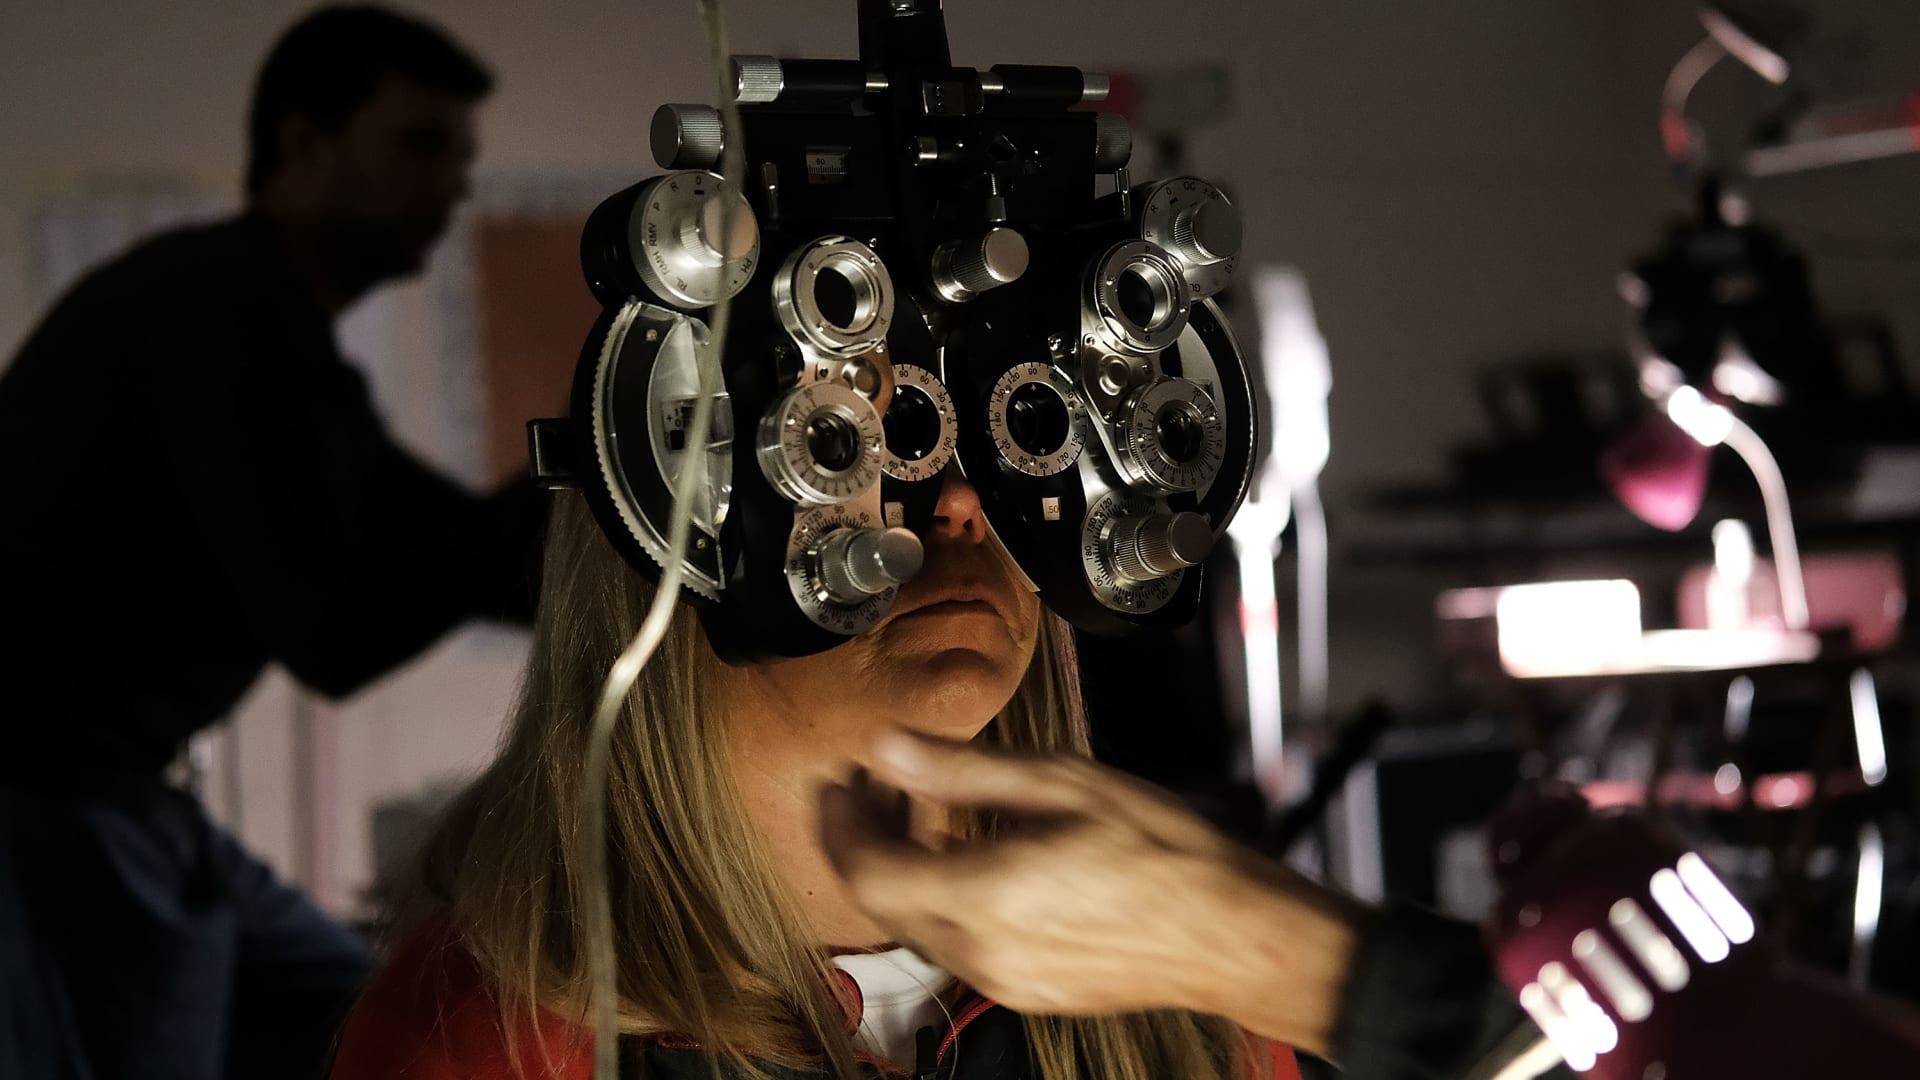 سيدة تخطأ بين قطرات العين والصمغ.. وهذه نصيحة الطبيب عندما يحدث ذلك